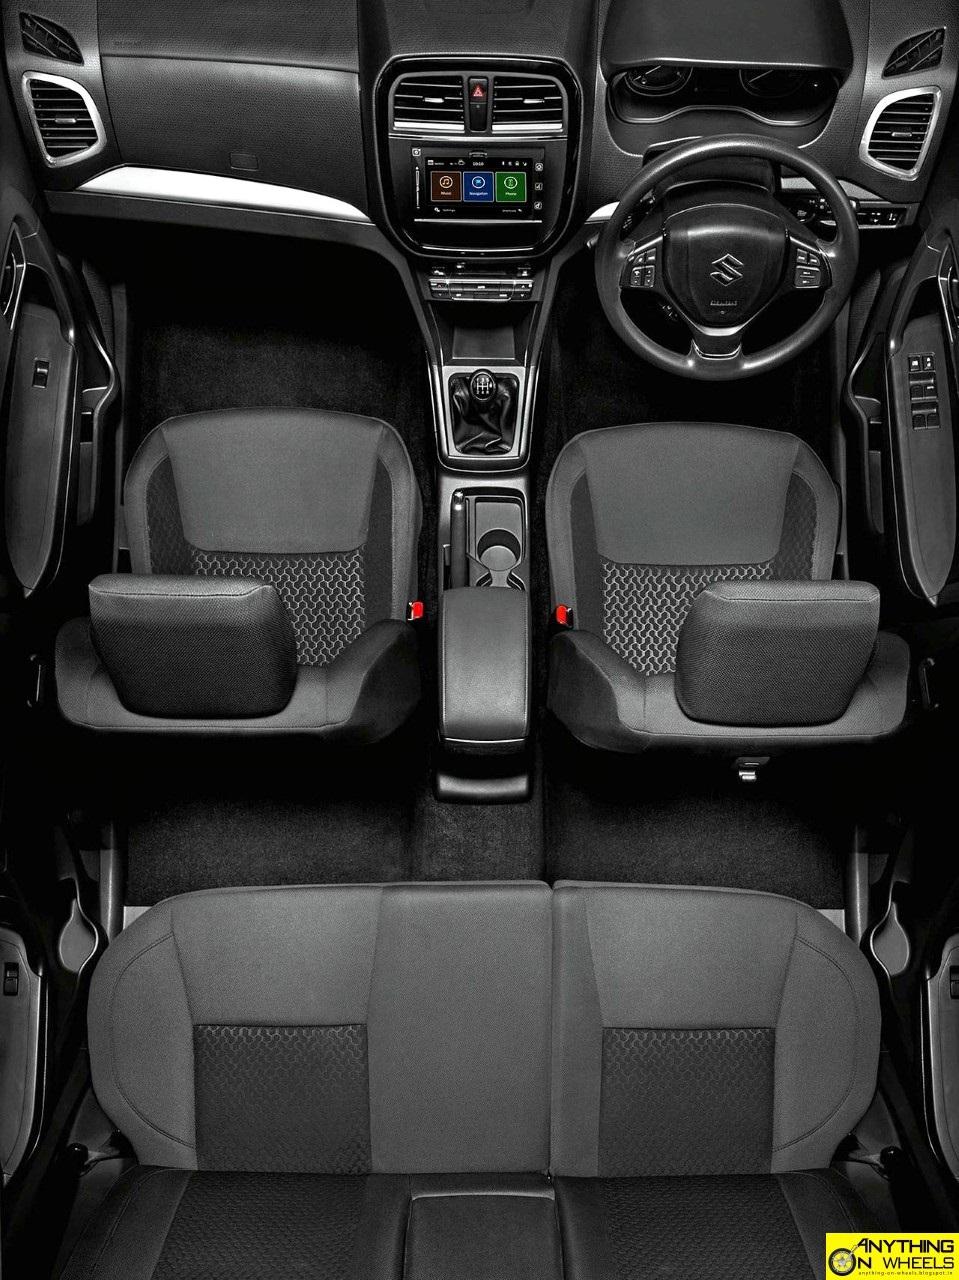 Anything On Wheels Maruti Suzuki Launches The Vitara Brezza In